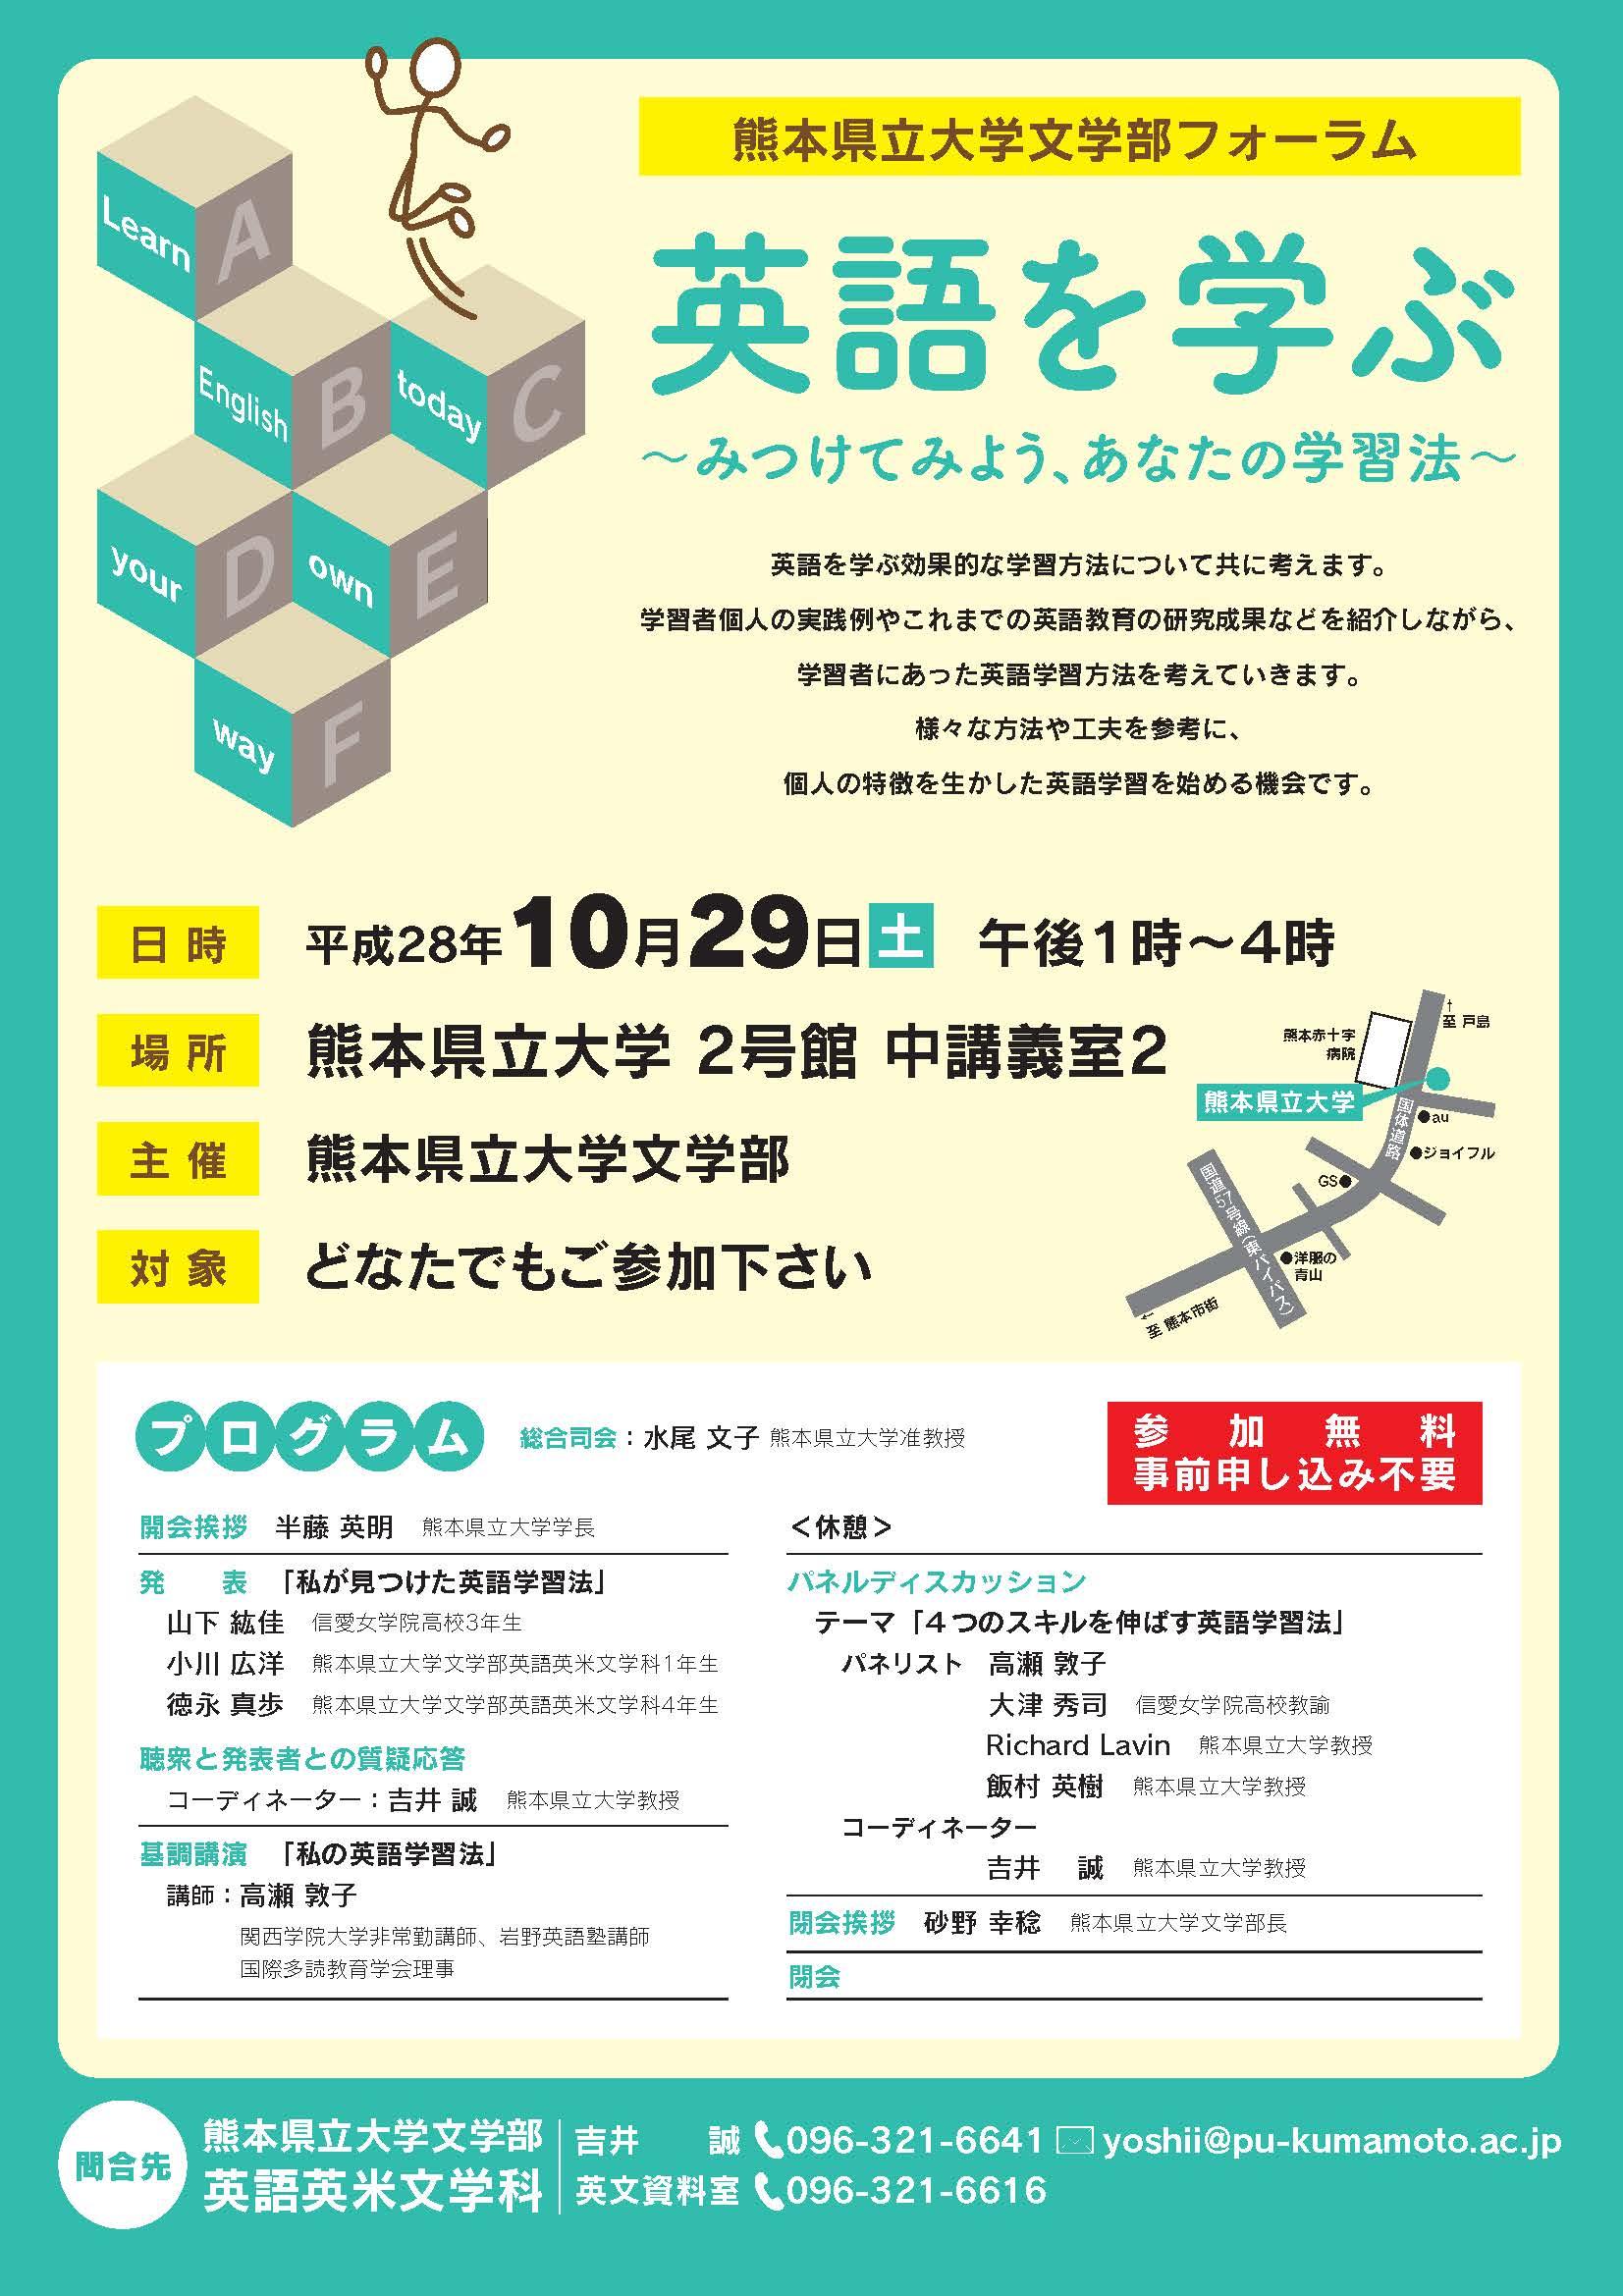 熊本県立大学文学部フォーラム「英語を学ぶ~みつけてみよう、あなたの学習法~」を開催します